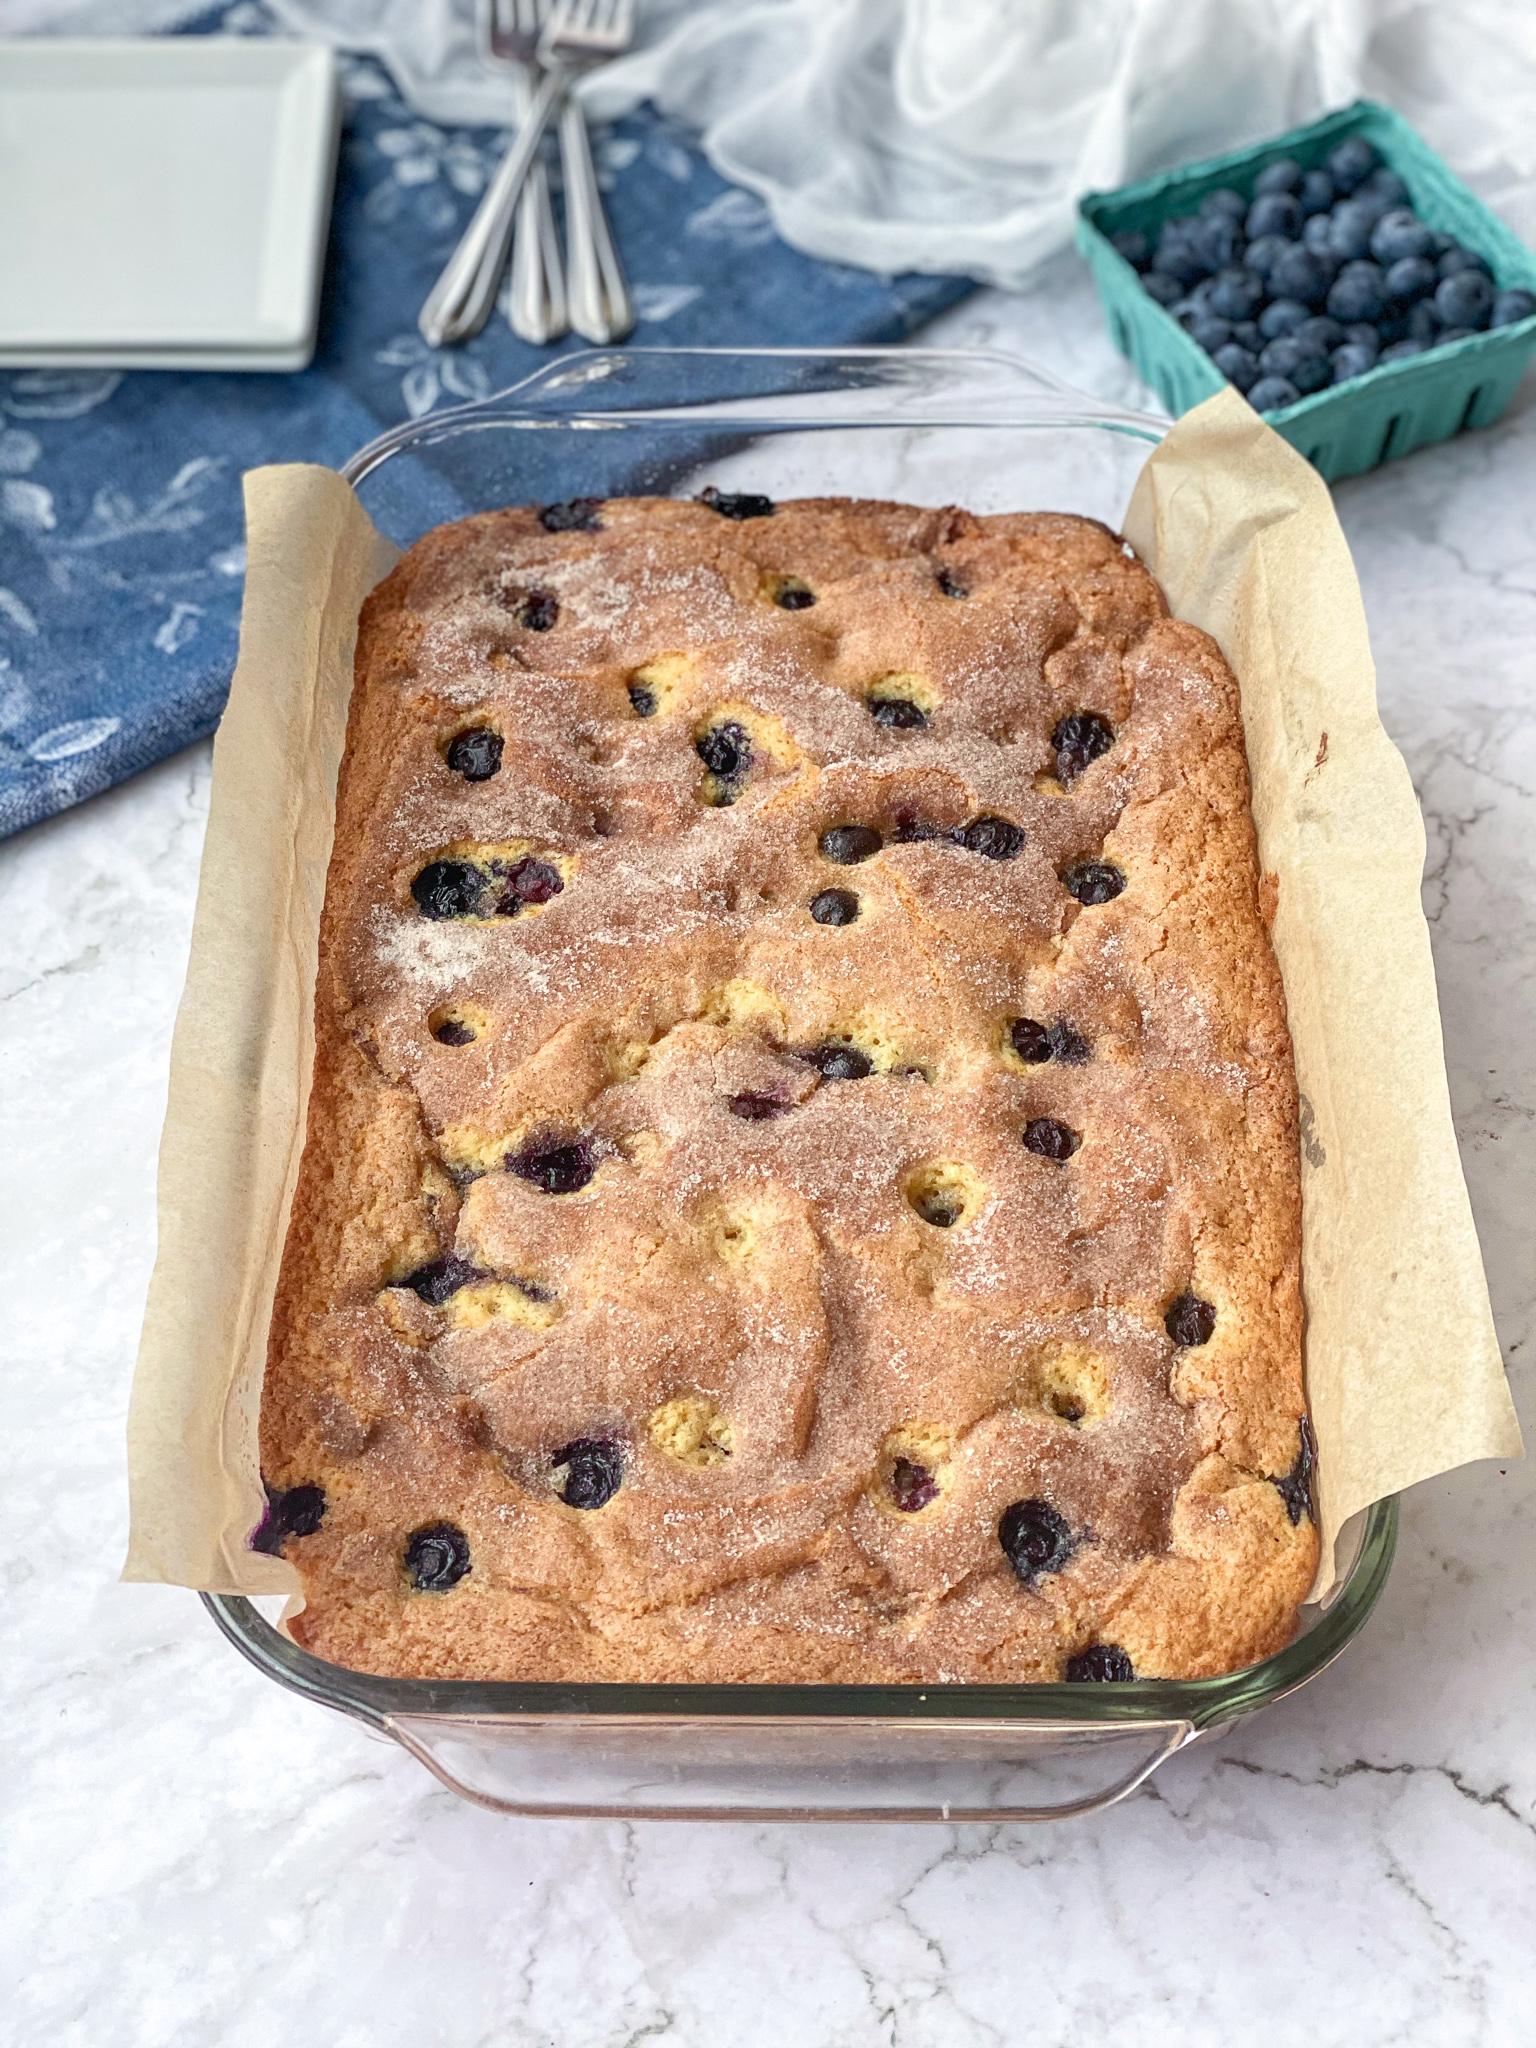 Gluten-Free Blueberry Breakfast Cake